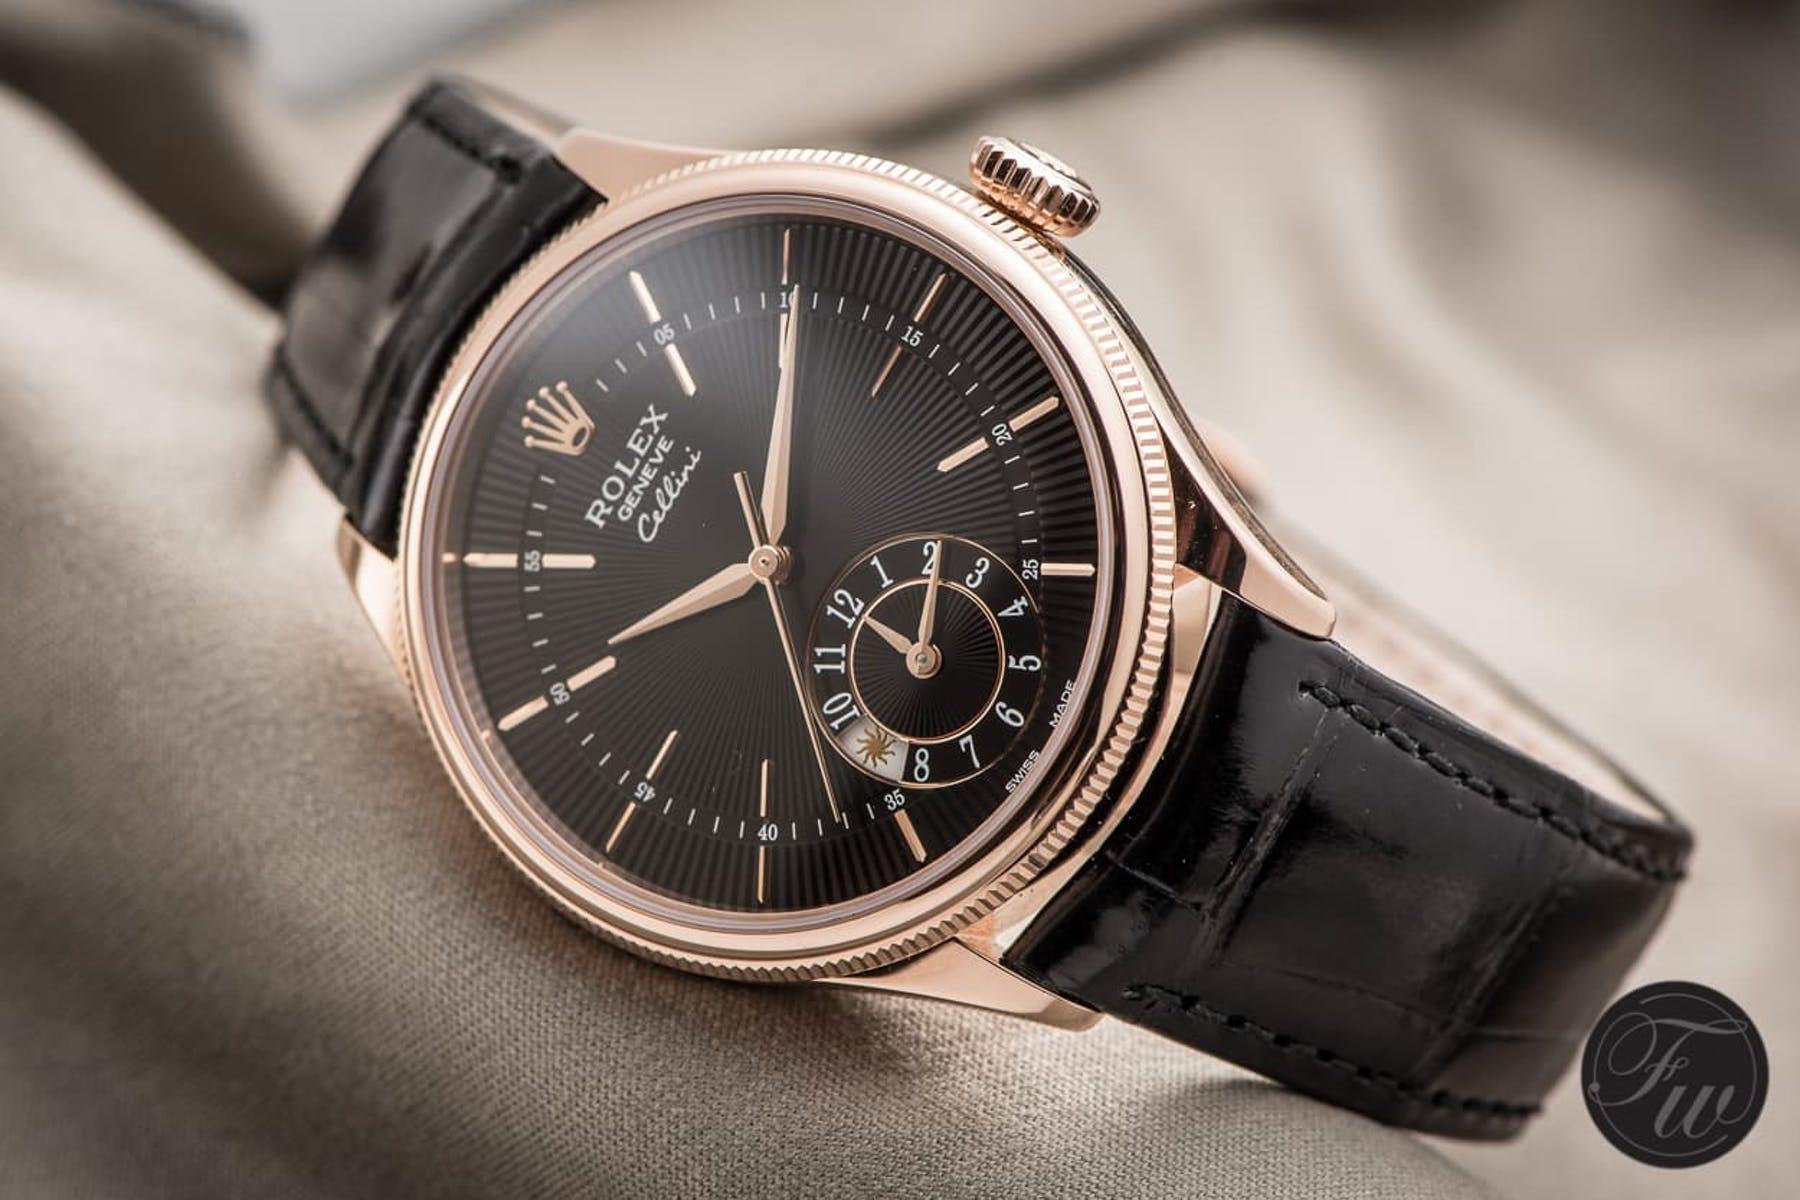 Replica Rolex Cellini Watches